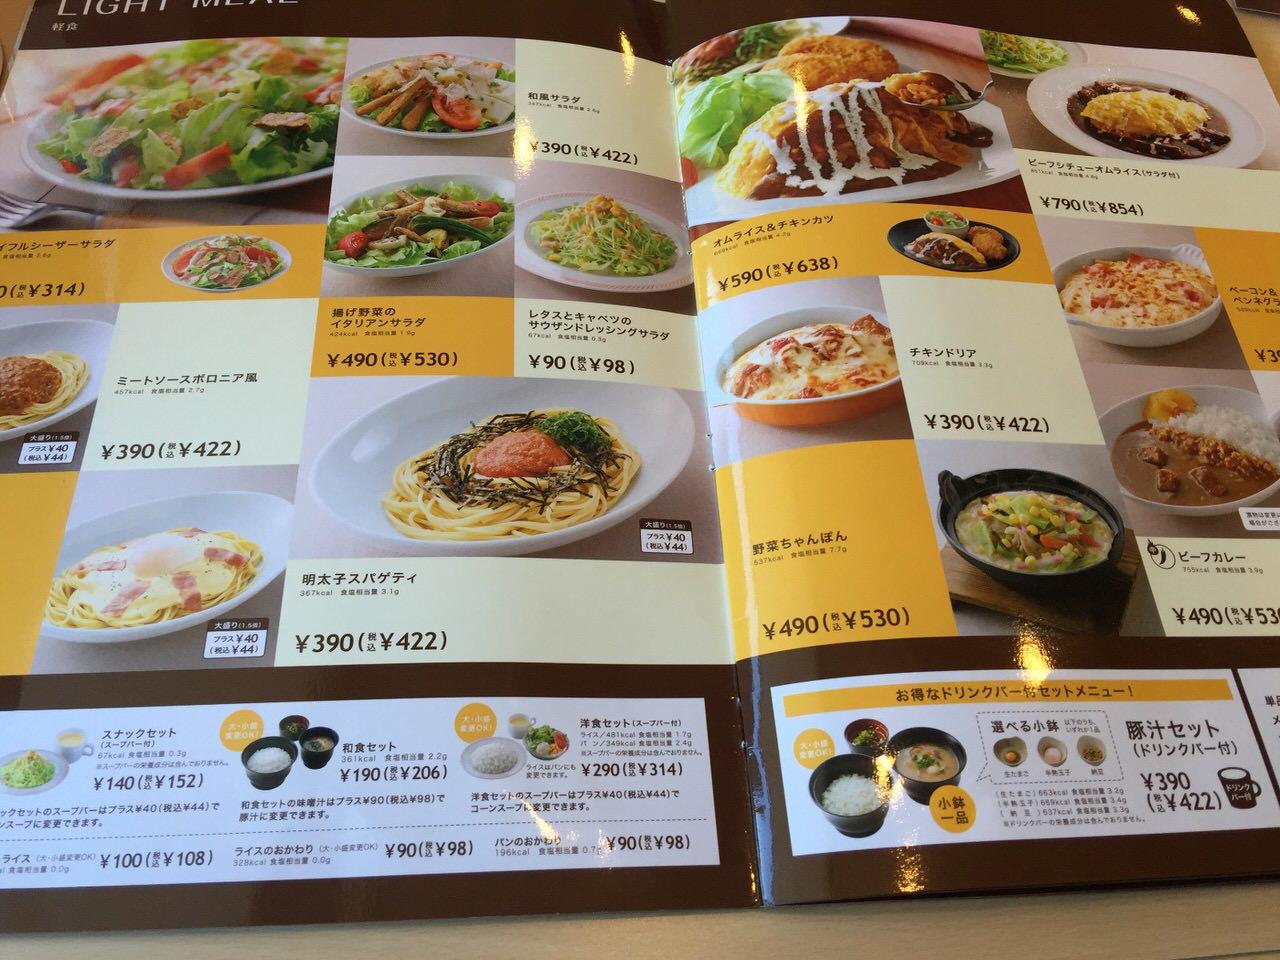 Joyfull yashio 7790